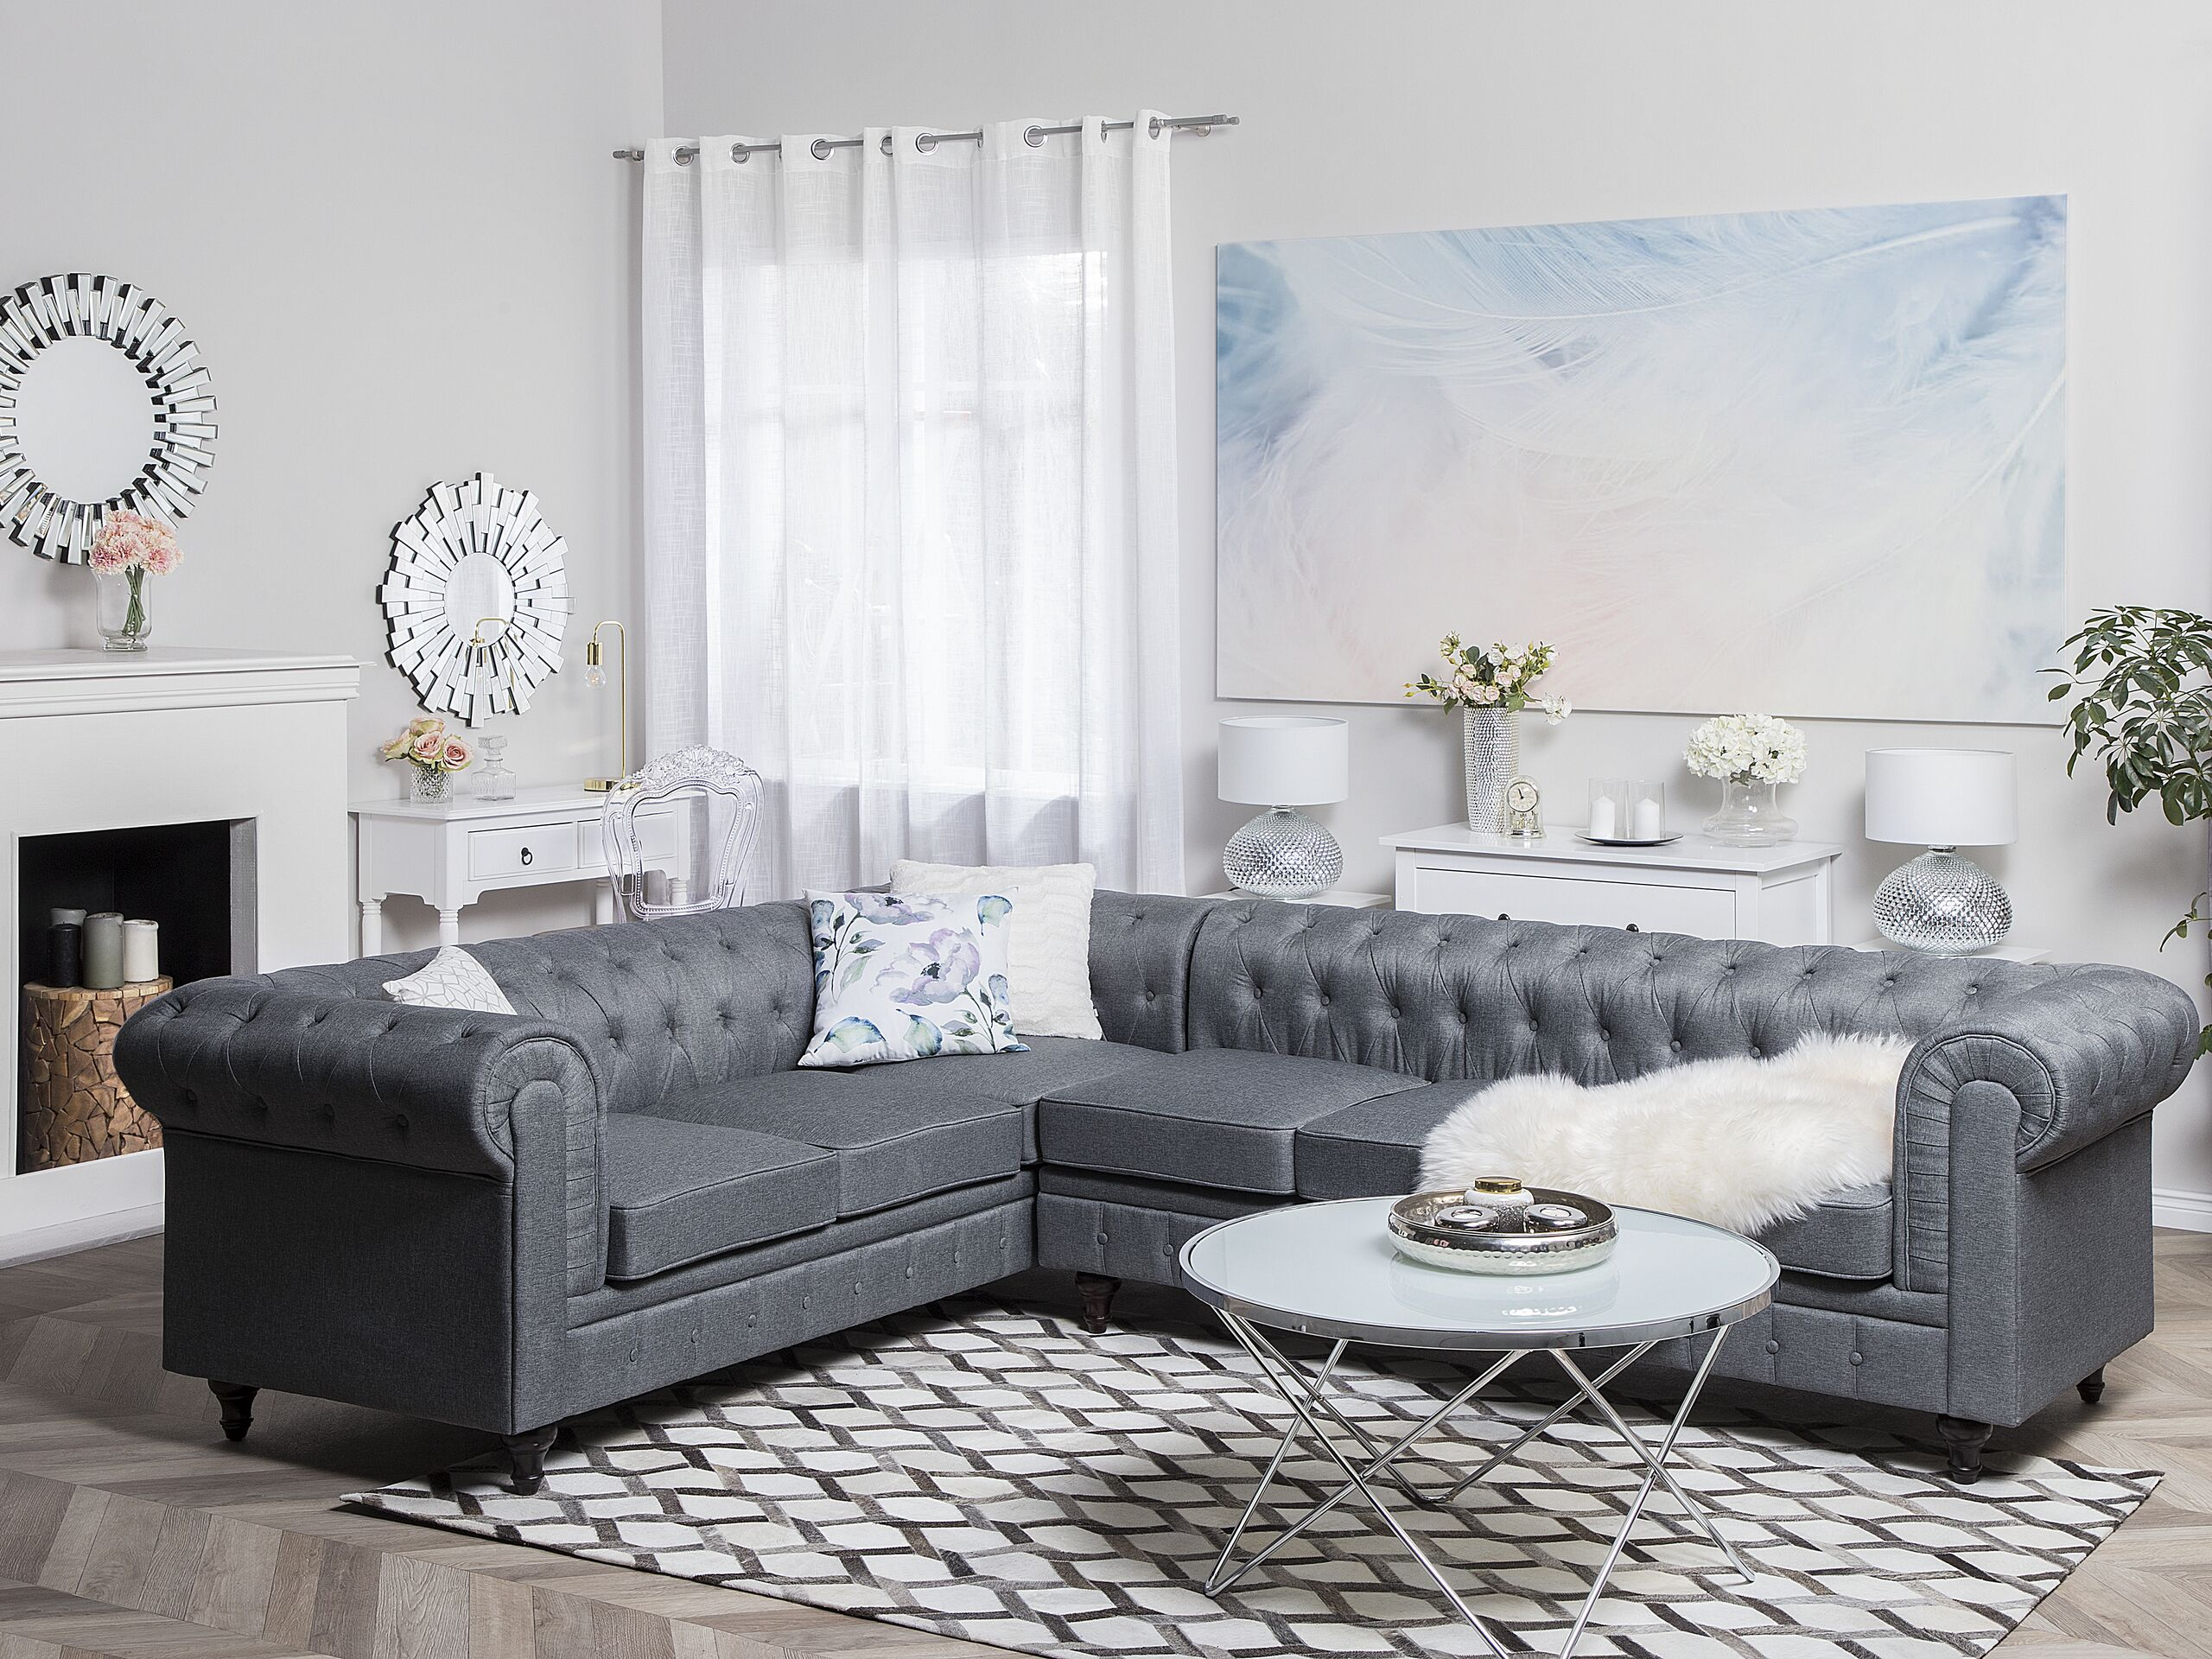 Marca do fabricante - Sofá de canto à direita com 3 lugares em tecido cinzento claro CHESTERFIELD